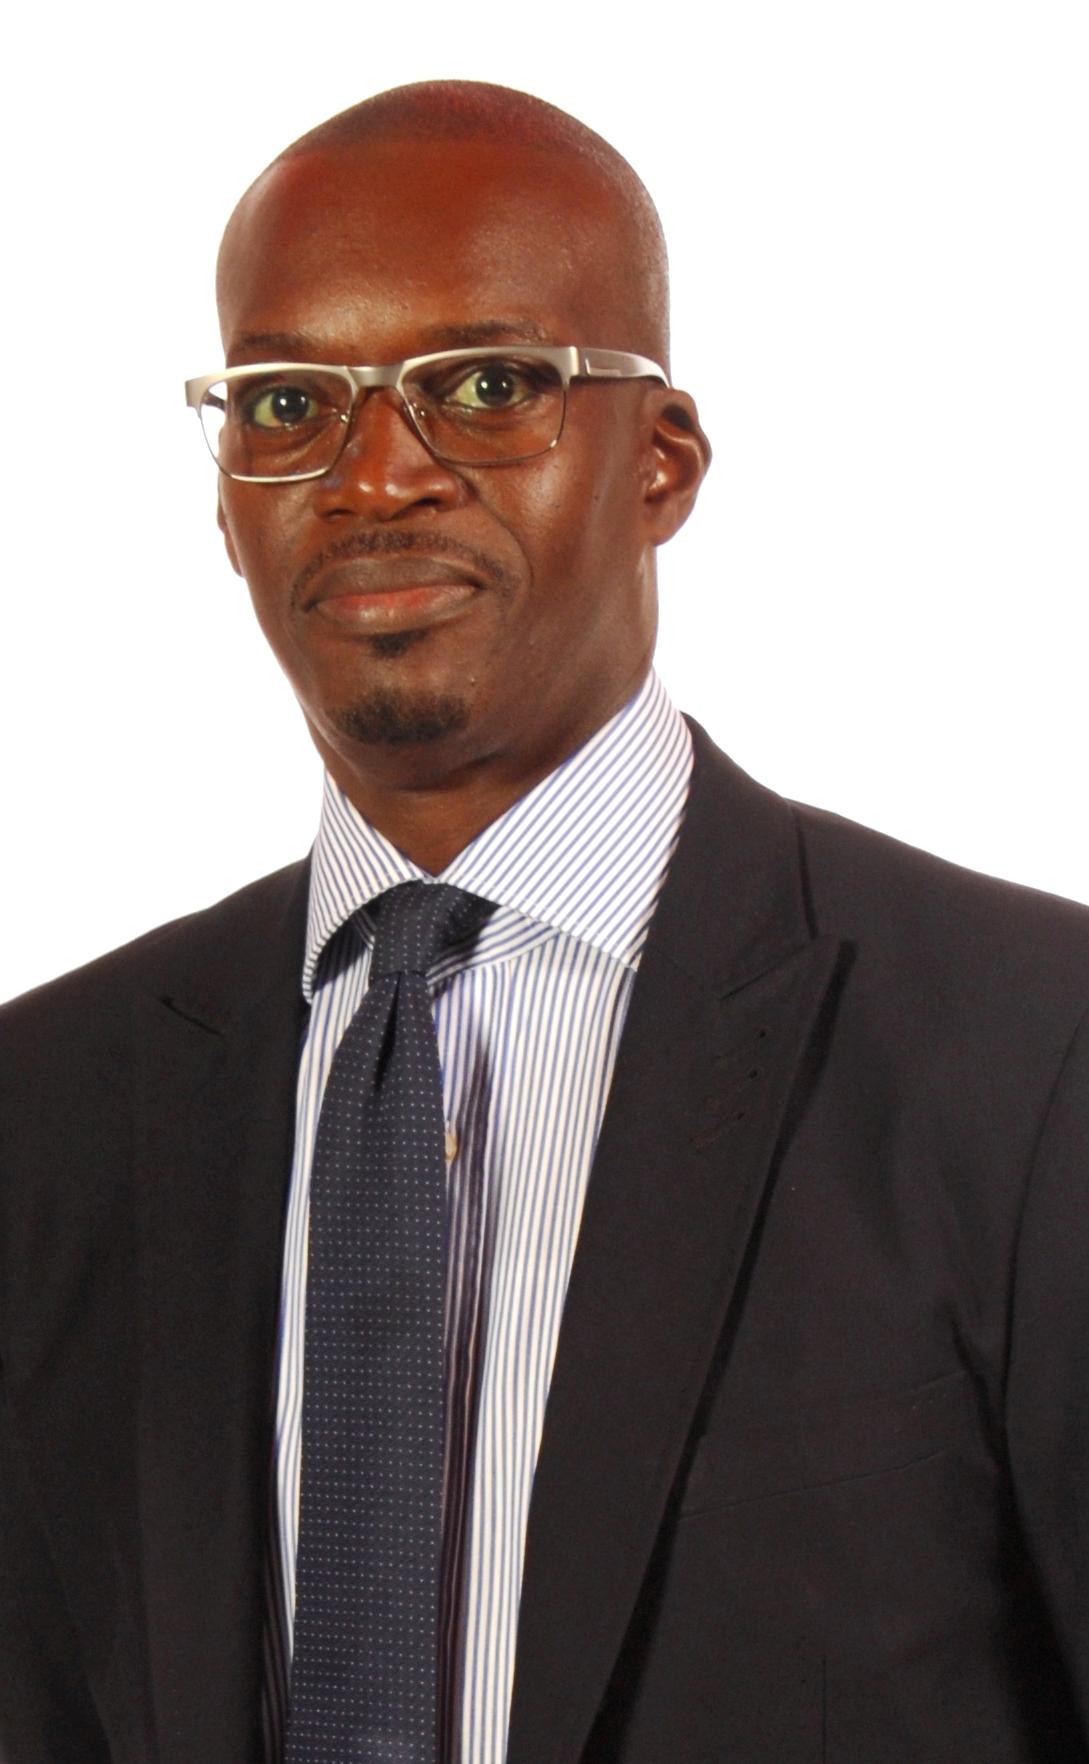 Ligne républicaine, la posture de l'homme d'Etat face au tintamarre des hommes de détails - Par Mamadou Kassé